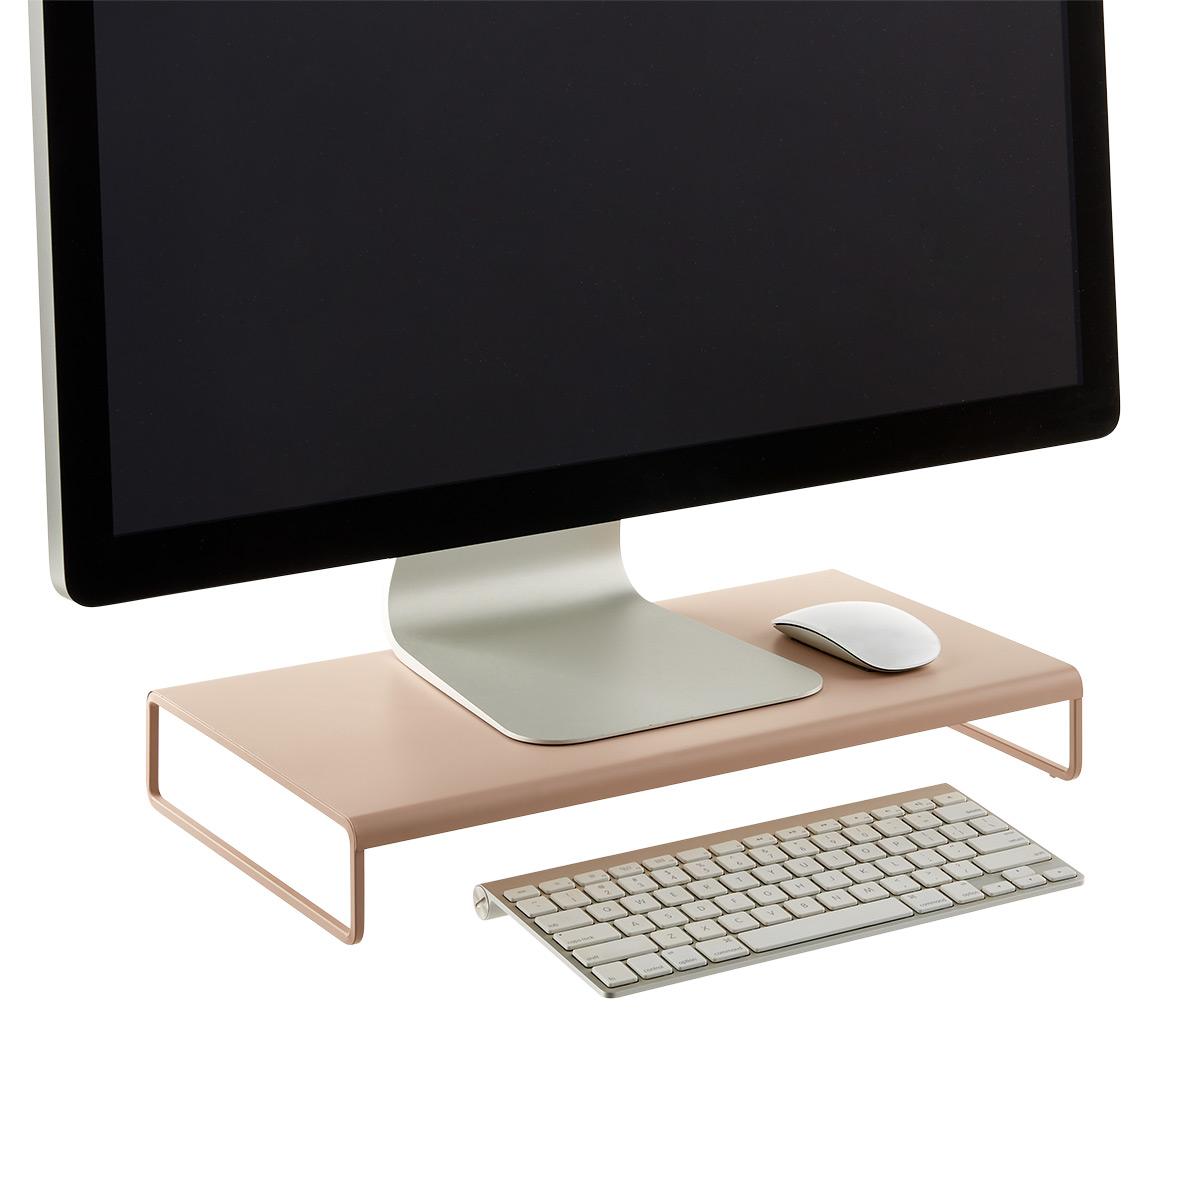 Blush Monitor Stand